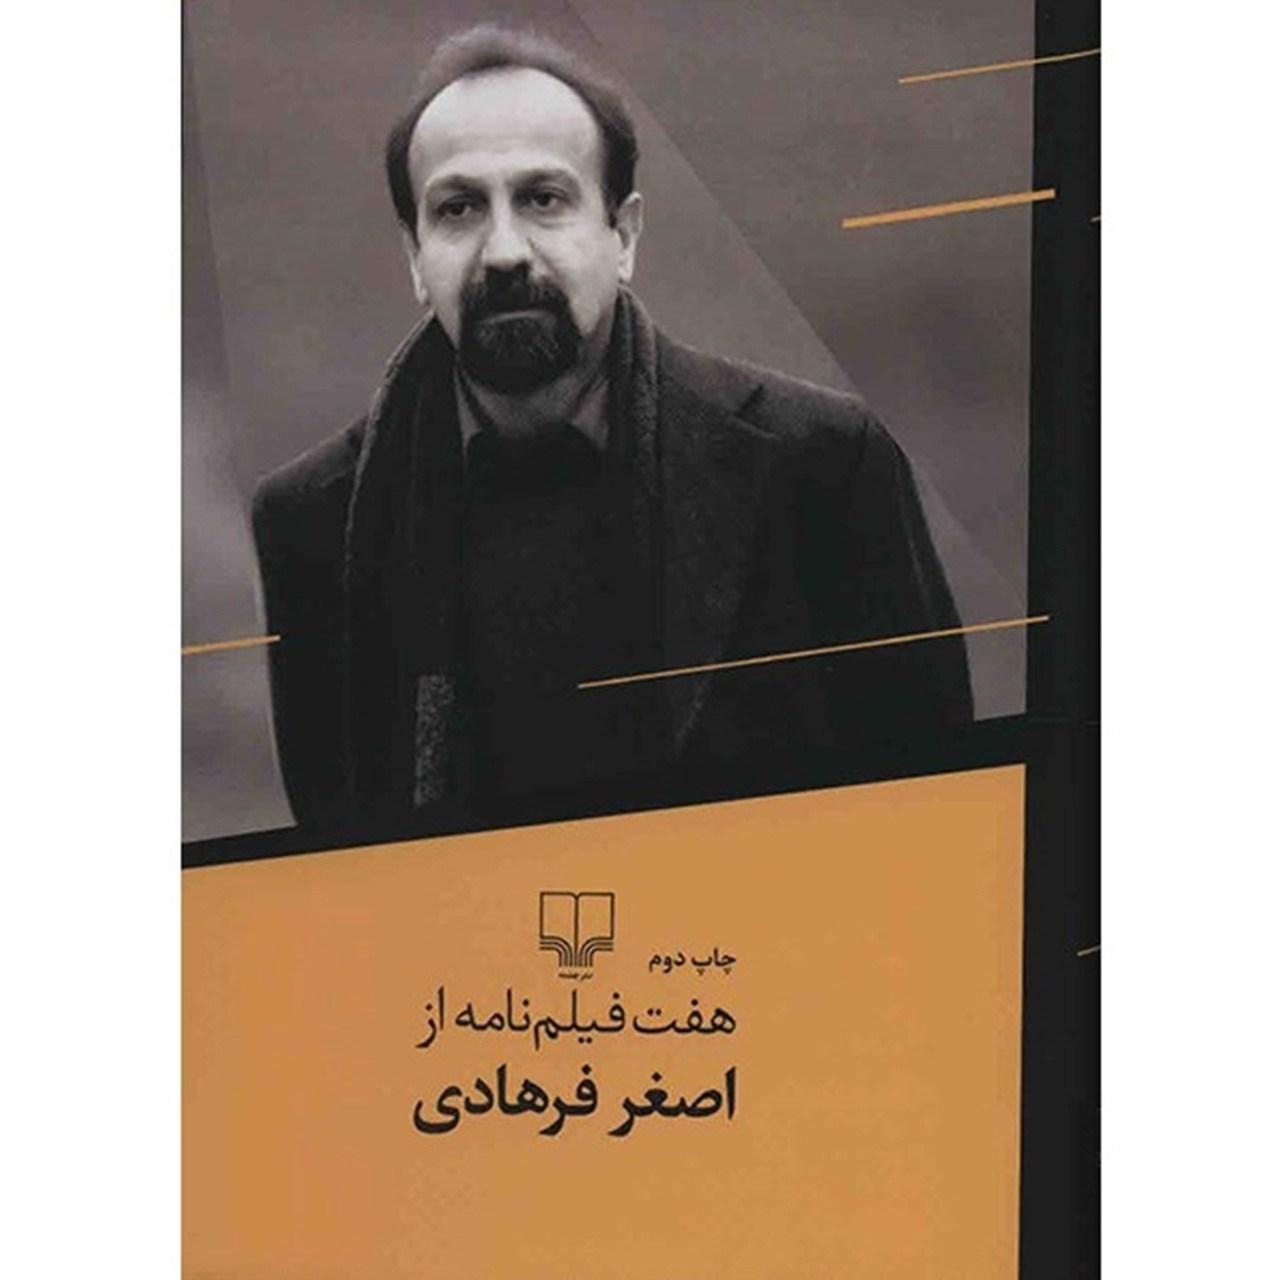 خرید                      کتاب هفت فیلمنامه از اصغر فرهادی